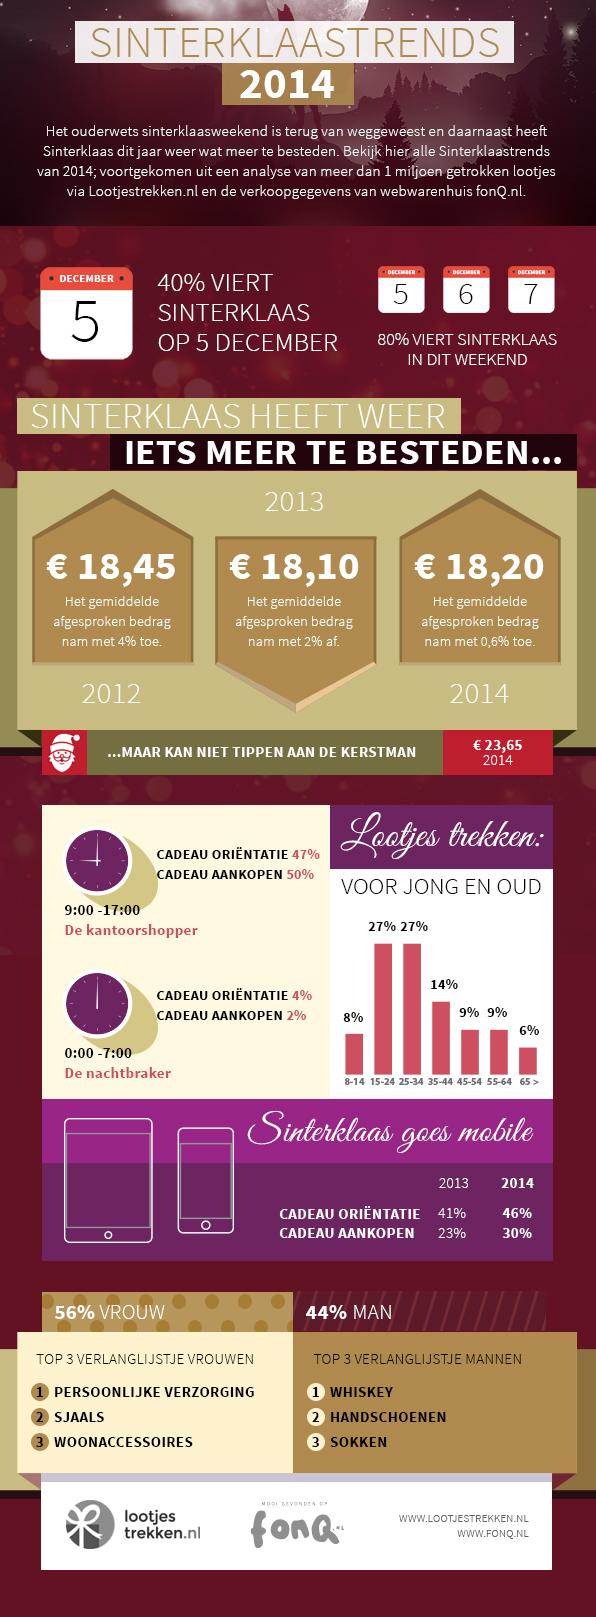 Sinterklaastrends 2014 infographic